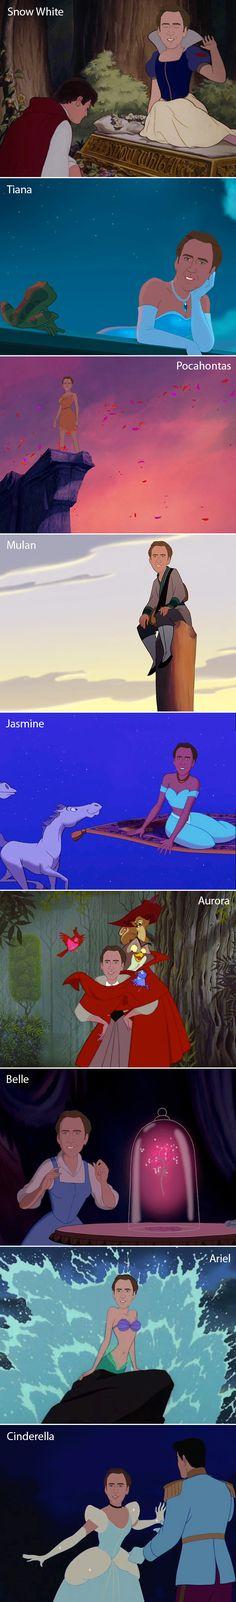 Nicolas Cage does Disney; Cinderella is my fav